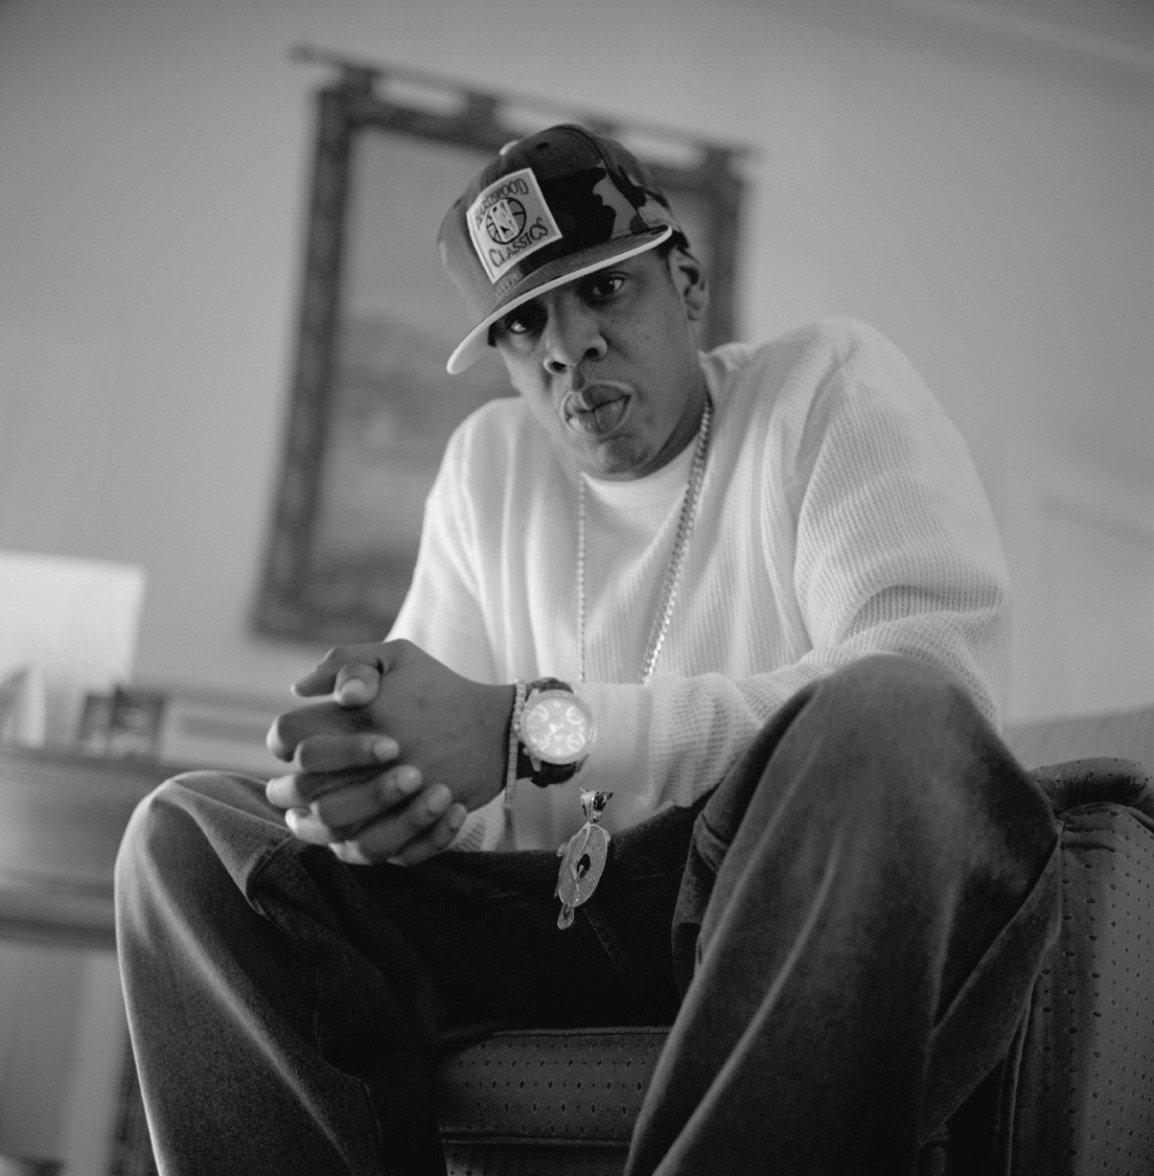 Jay-Z, Mikael Väisänen, Street Photography